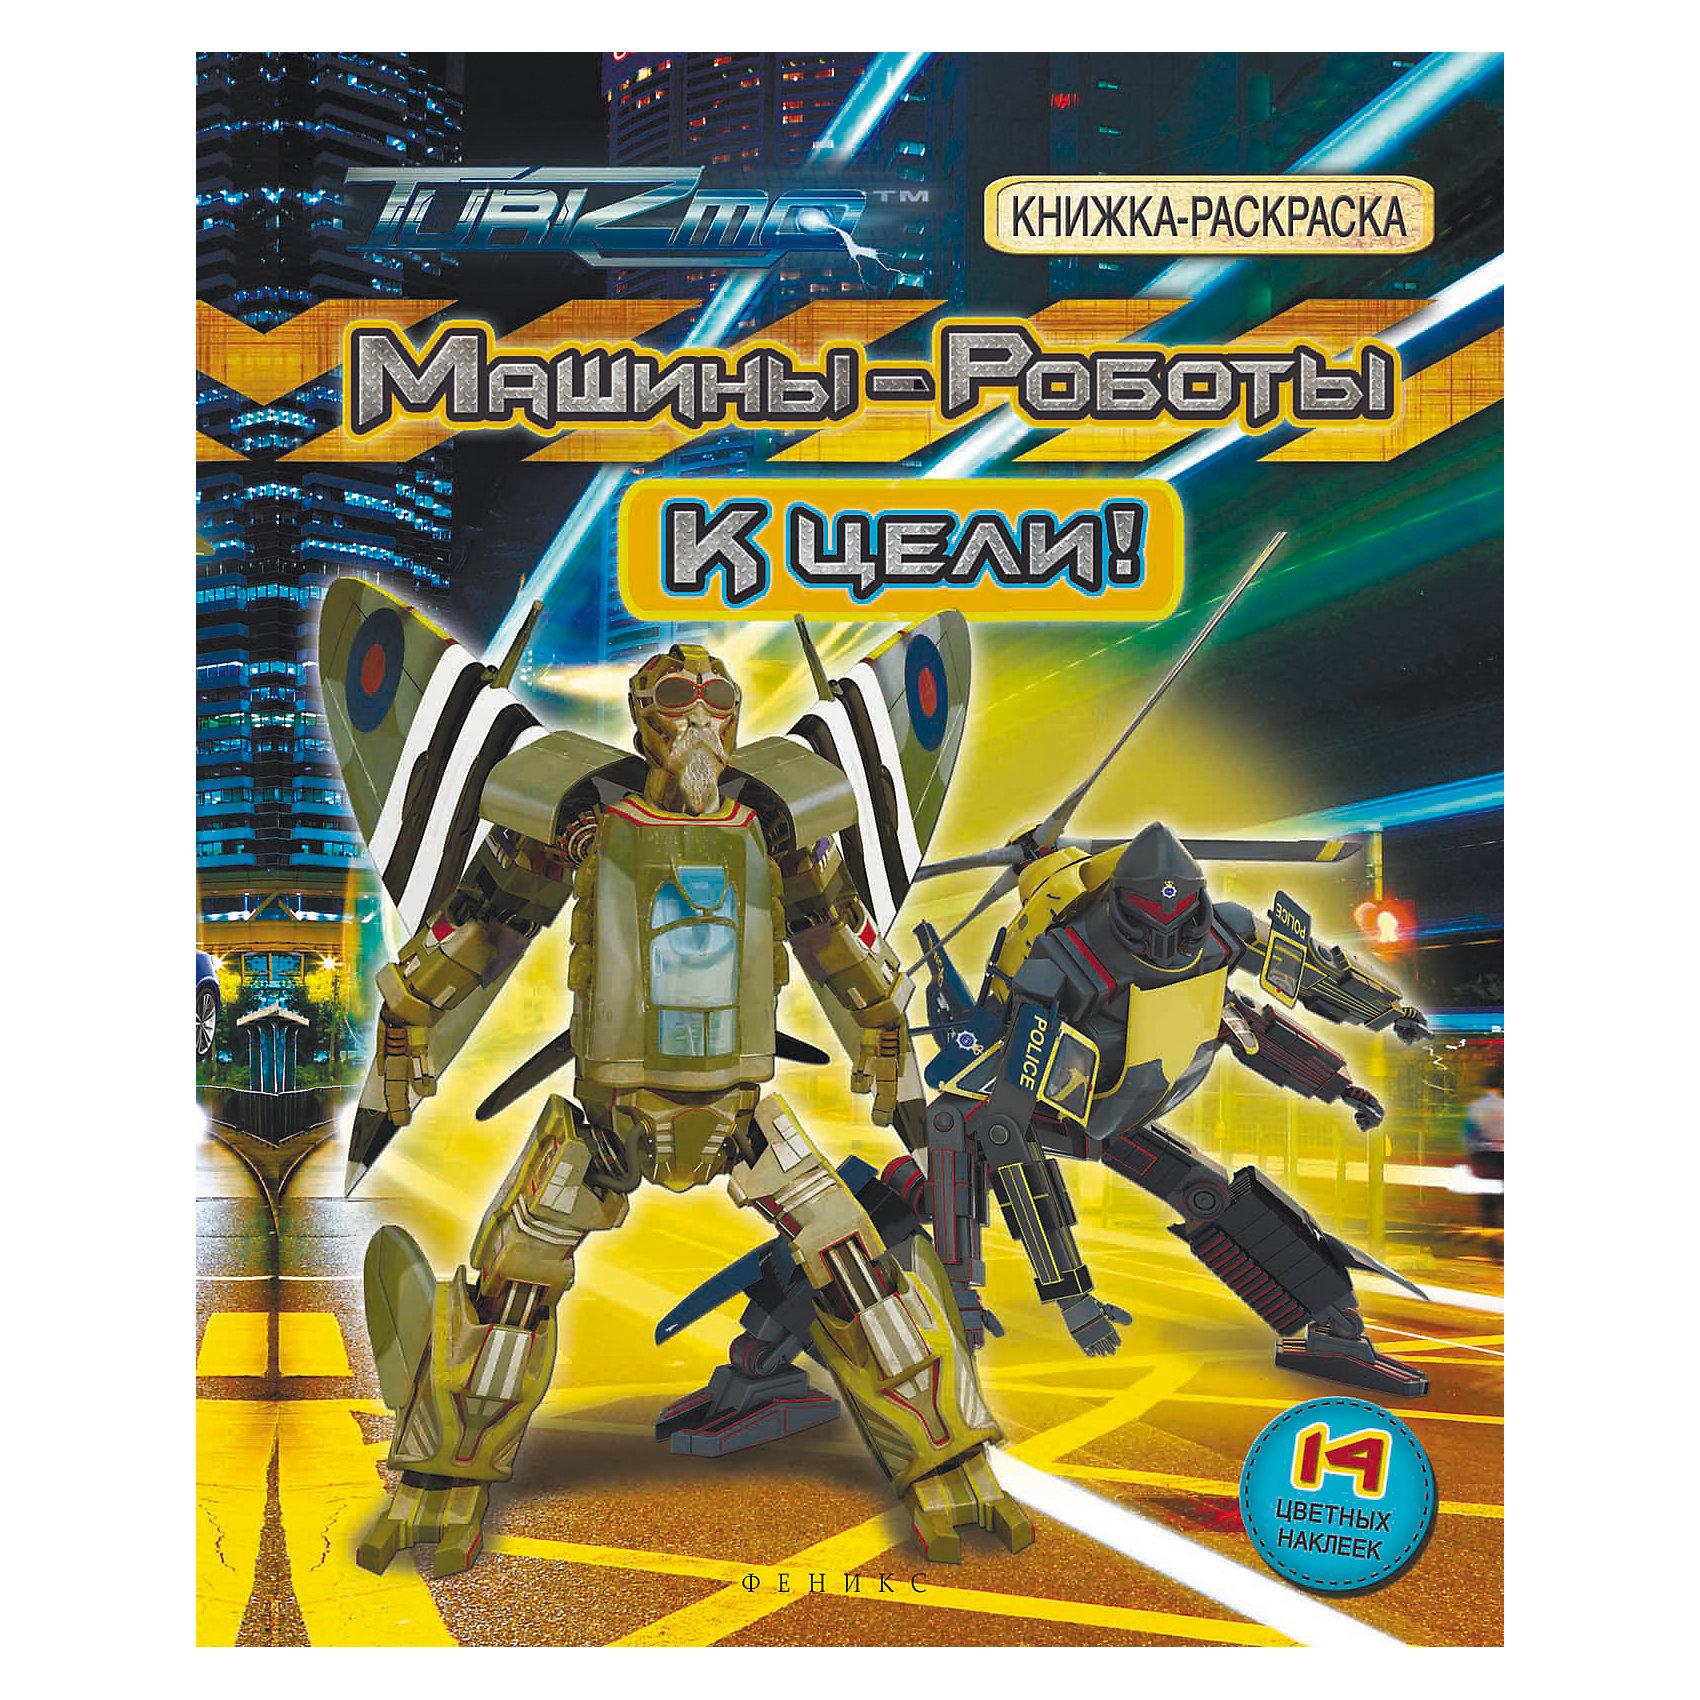 Машины-Роботы, К цели!: книжка-раскраскаРаскраски по номерам<br>Характеристики товара:<br><br>• ISBN:9785222232088;<br>• возраст: от 0 лет;<br>• иллюстрации: черно-белые ;<br>• обложка: мягкая;<br>• количество страниц: 24;<br>• формат: 25,9х20х2 см.;<br>• вес: 430 гр.;<br>• издательство:  Феникс-Премьер;<br>• страна: Россия.<br><br>«Машины-Роботы, К цели!» книжка-раскраска - увлекательная книжка-раскраска с наклейками обязательно порадует вашего ребенка.  Картинки из серии  Туризмо - это робот-полицейский, которого окружают верные друзья машины-роботы, чтобы помочь ему справиться с врагами из другого параллельного измерения.<br><br>Раскраска - это не только увлекательное, но и очень полезное занятие.  Помогает развивать мелкую мотрику и творческий потенциал, внимательность и аккуратность. <br><br>Идеальный выбор для совместных занятий вдвоём с ребёнком, а также очень познавательный подарок.<br><br><br>«Машины-Роботы, К цели!» книжка-раскраска, Феникс-Премьер, можно купить в нашем интернет-магазине.<br><br>Ширина мм: 260<br>Глубина мм: 200<br>Высота мм: 3<br>Вес г: 436<br>Возраст от месяцев: 36<br>Возраст до месяцев: 72<br>Пол: Унисекс<br>Возраст: Детский<br>SKU: 5480310